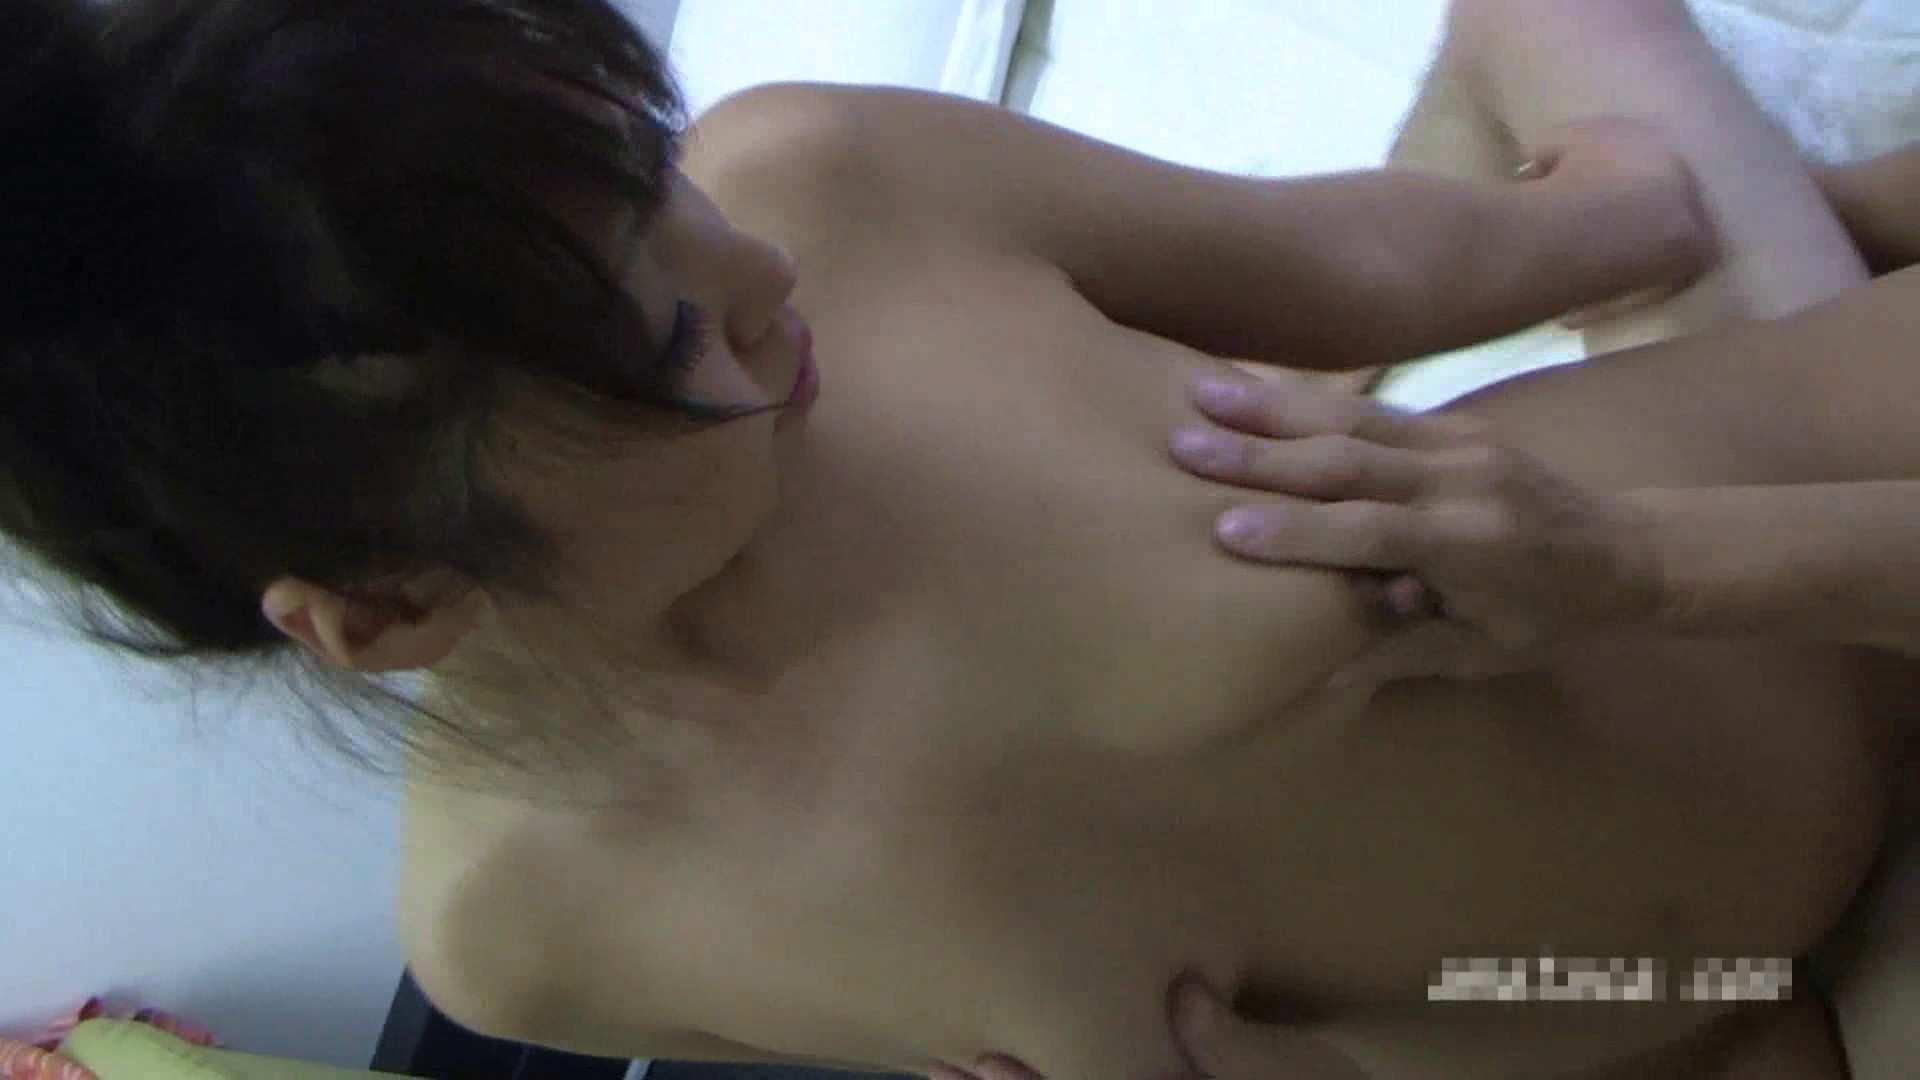 デリへル嬢のみかちゃん23歳vol.4 OL裸体   ギャルの乳首  110画像 93